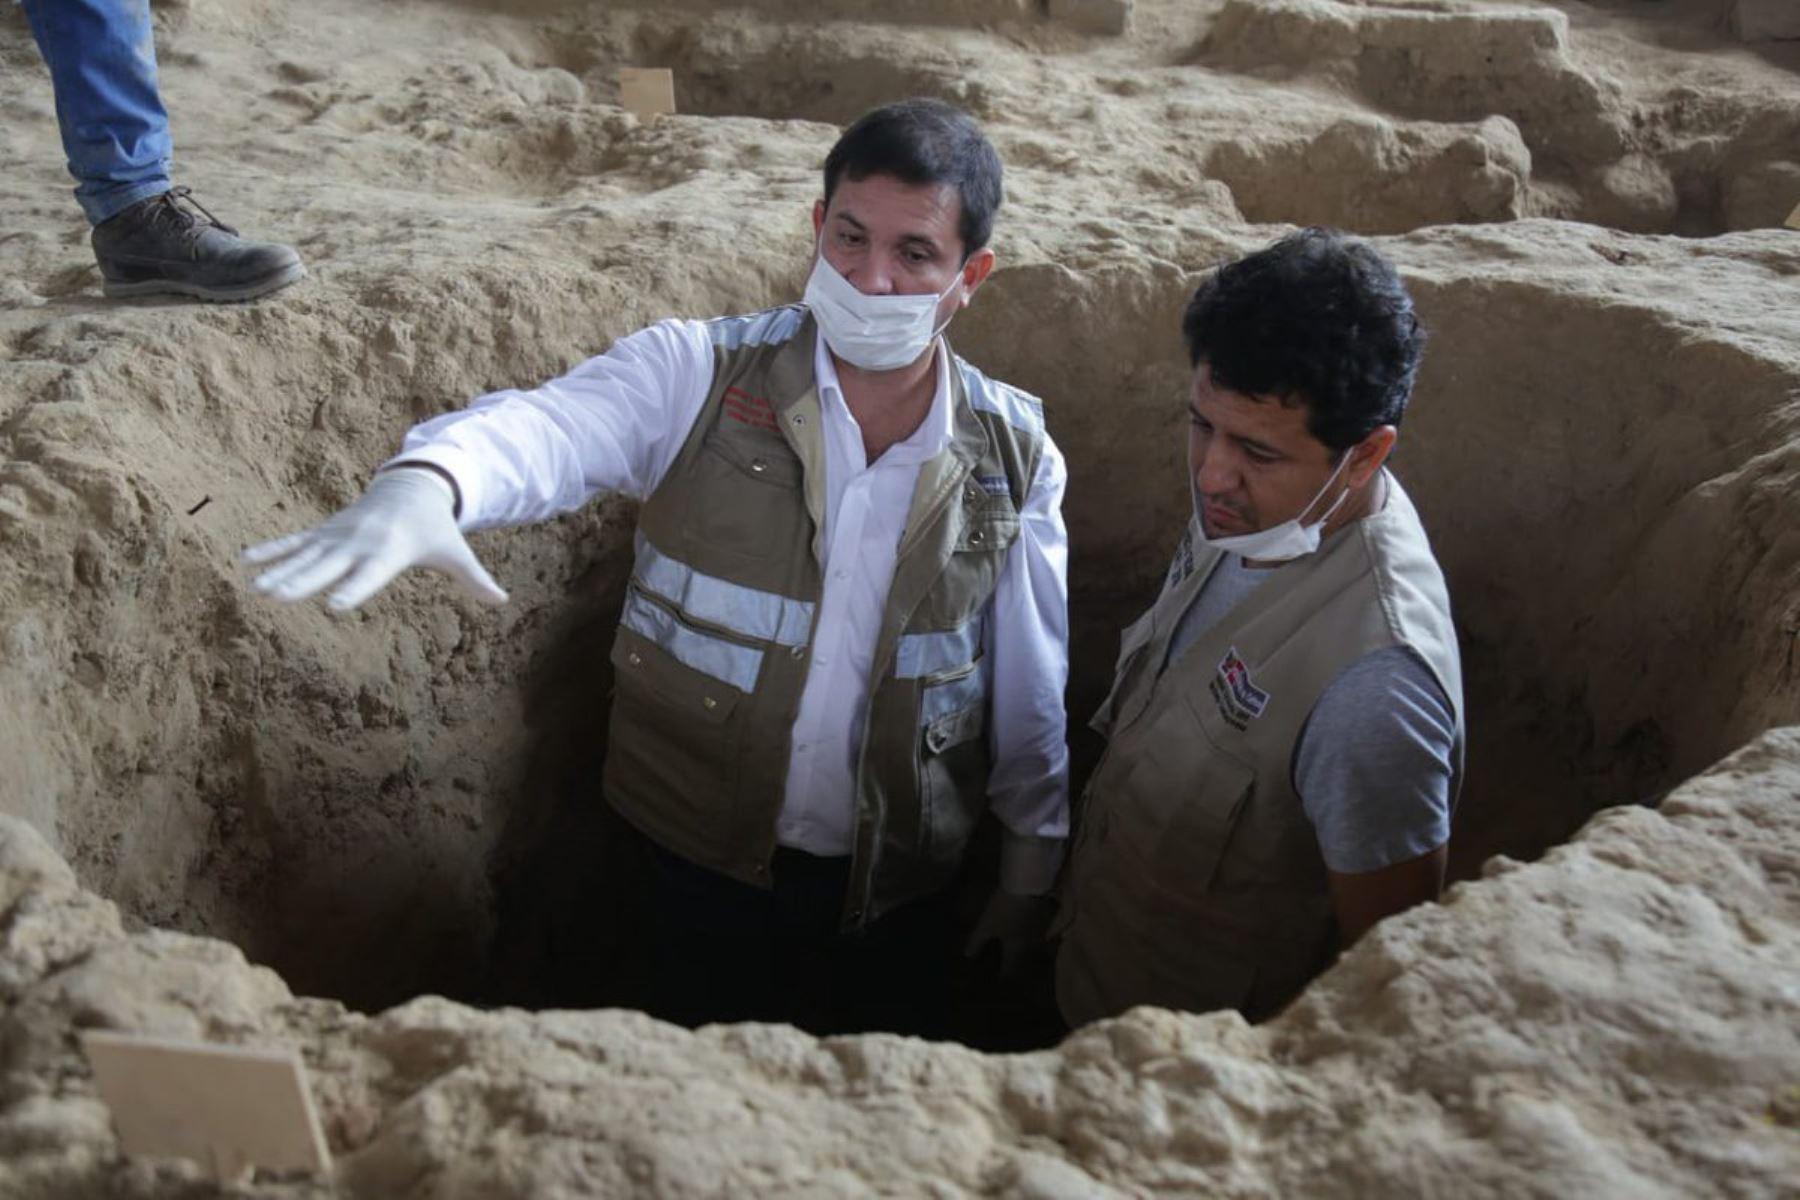 El viceministro de Patrimonio Cultural e Industrias Culturales, Luis Felipe Villacorta, se encuentra en Lambayeque para supervisar los hallazgos arqueológicos en la huaca Las Abejas, del complejo arqueológico de Túcume.